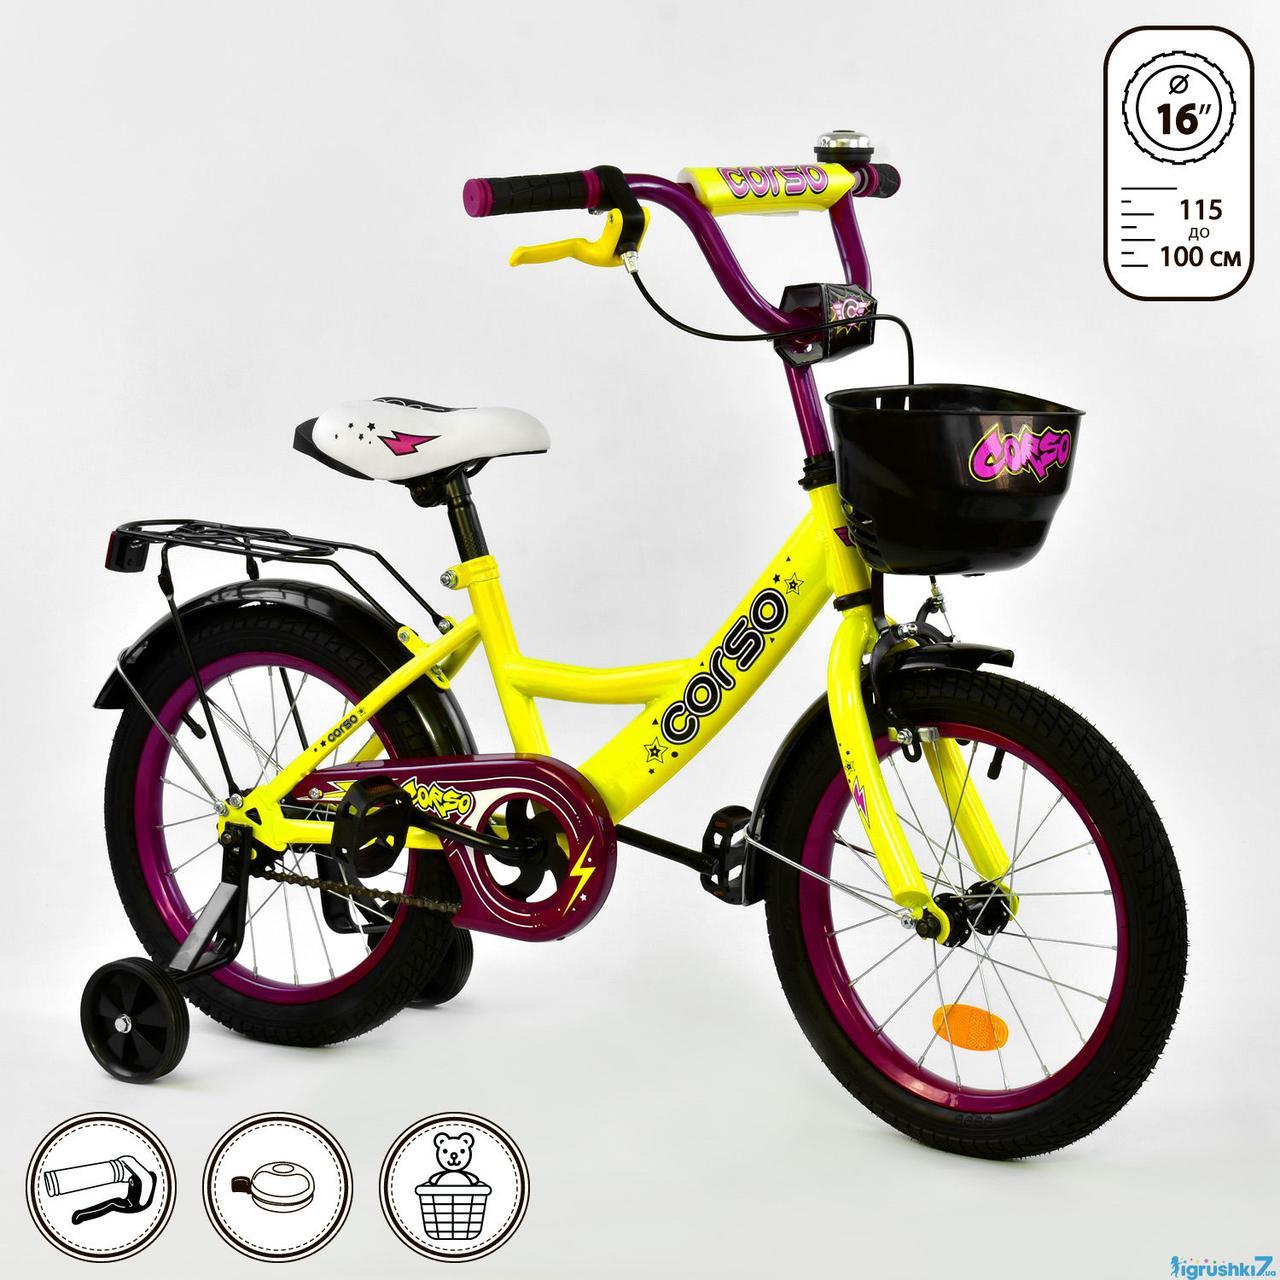 Детский двухколесный велосипед 16 дюймов с корзиной багажником дополнительными колесами CORSO